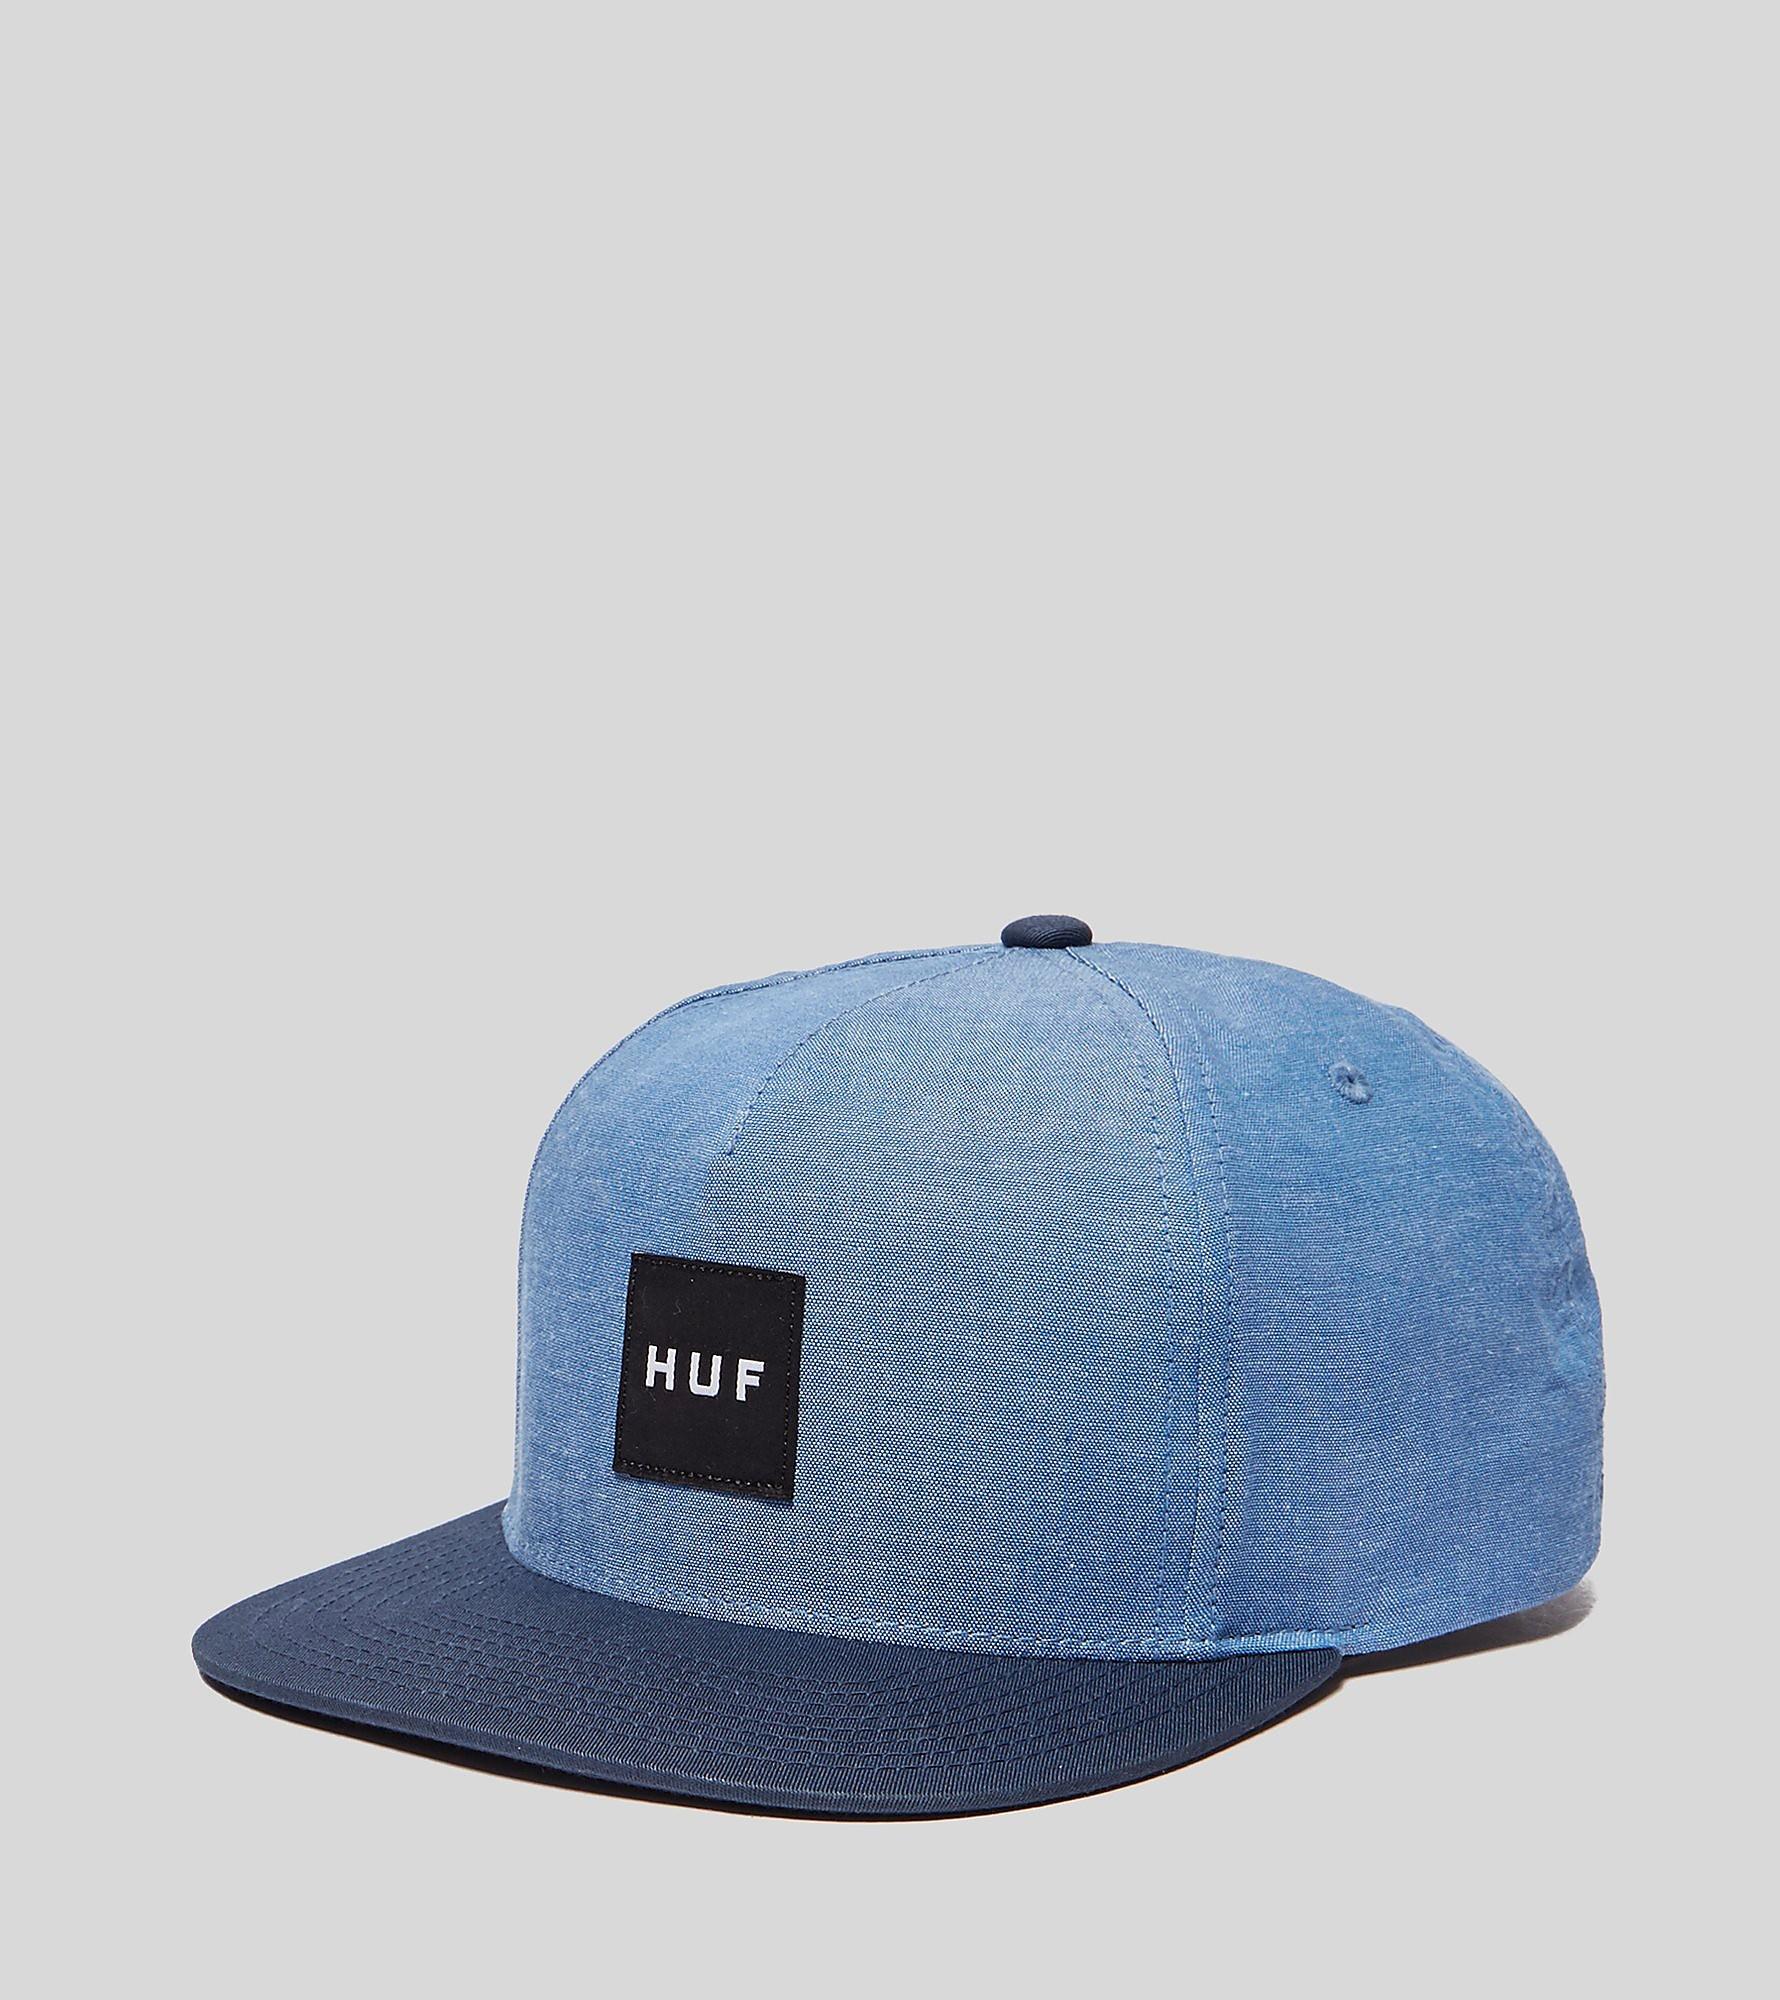 HUF Chambray Box Logo Snapback Cap